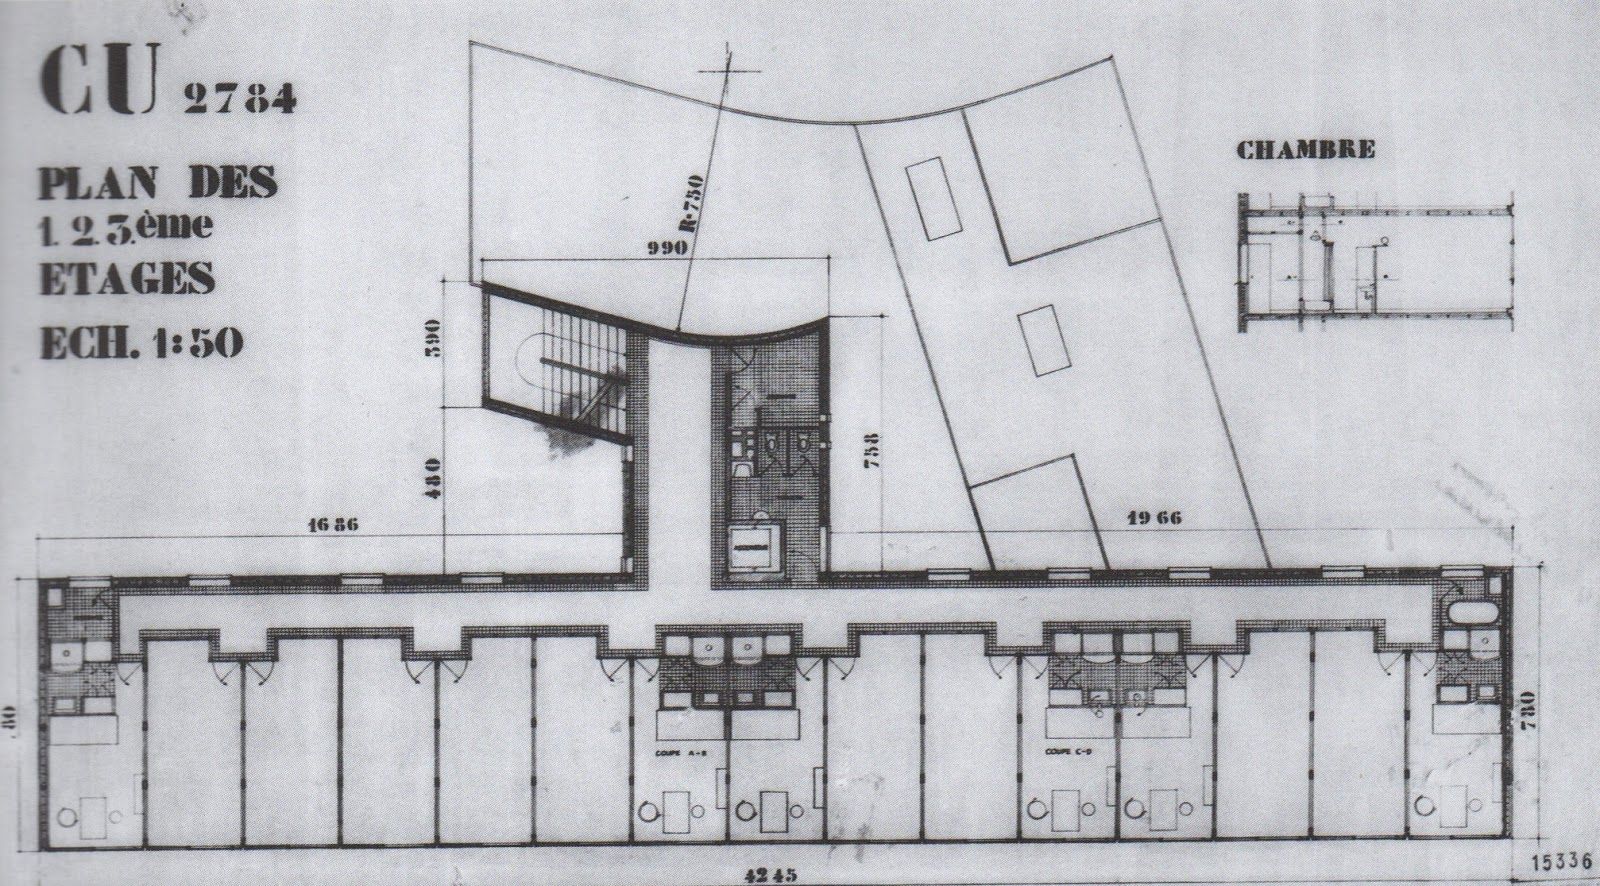 Pavillon-Suisse-Le-Corbusier